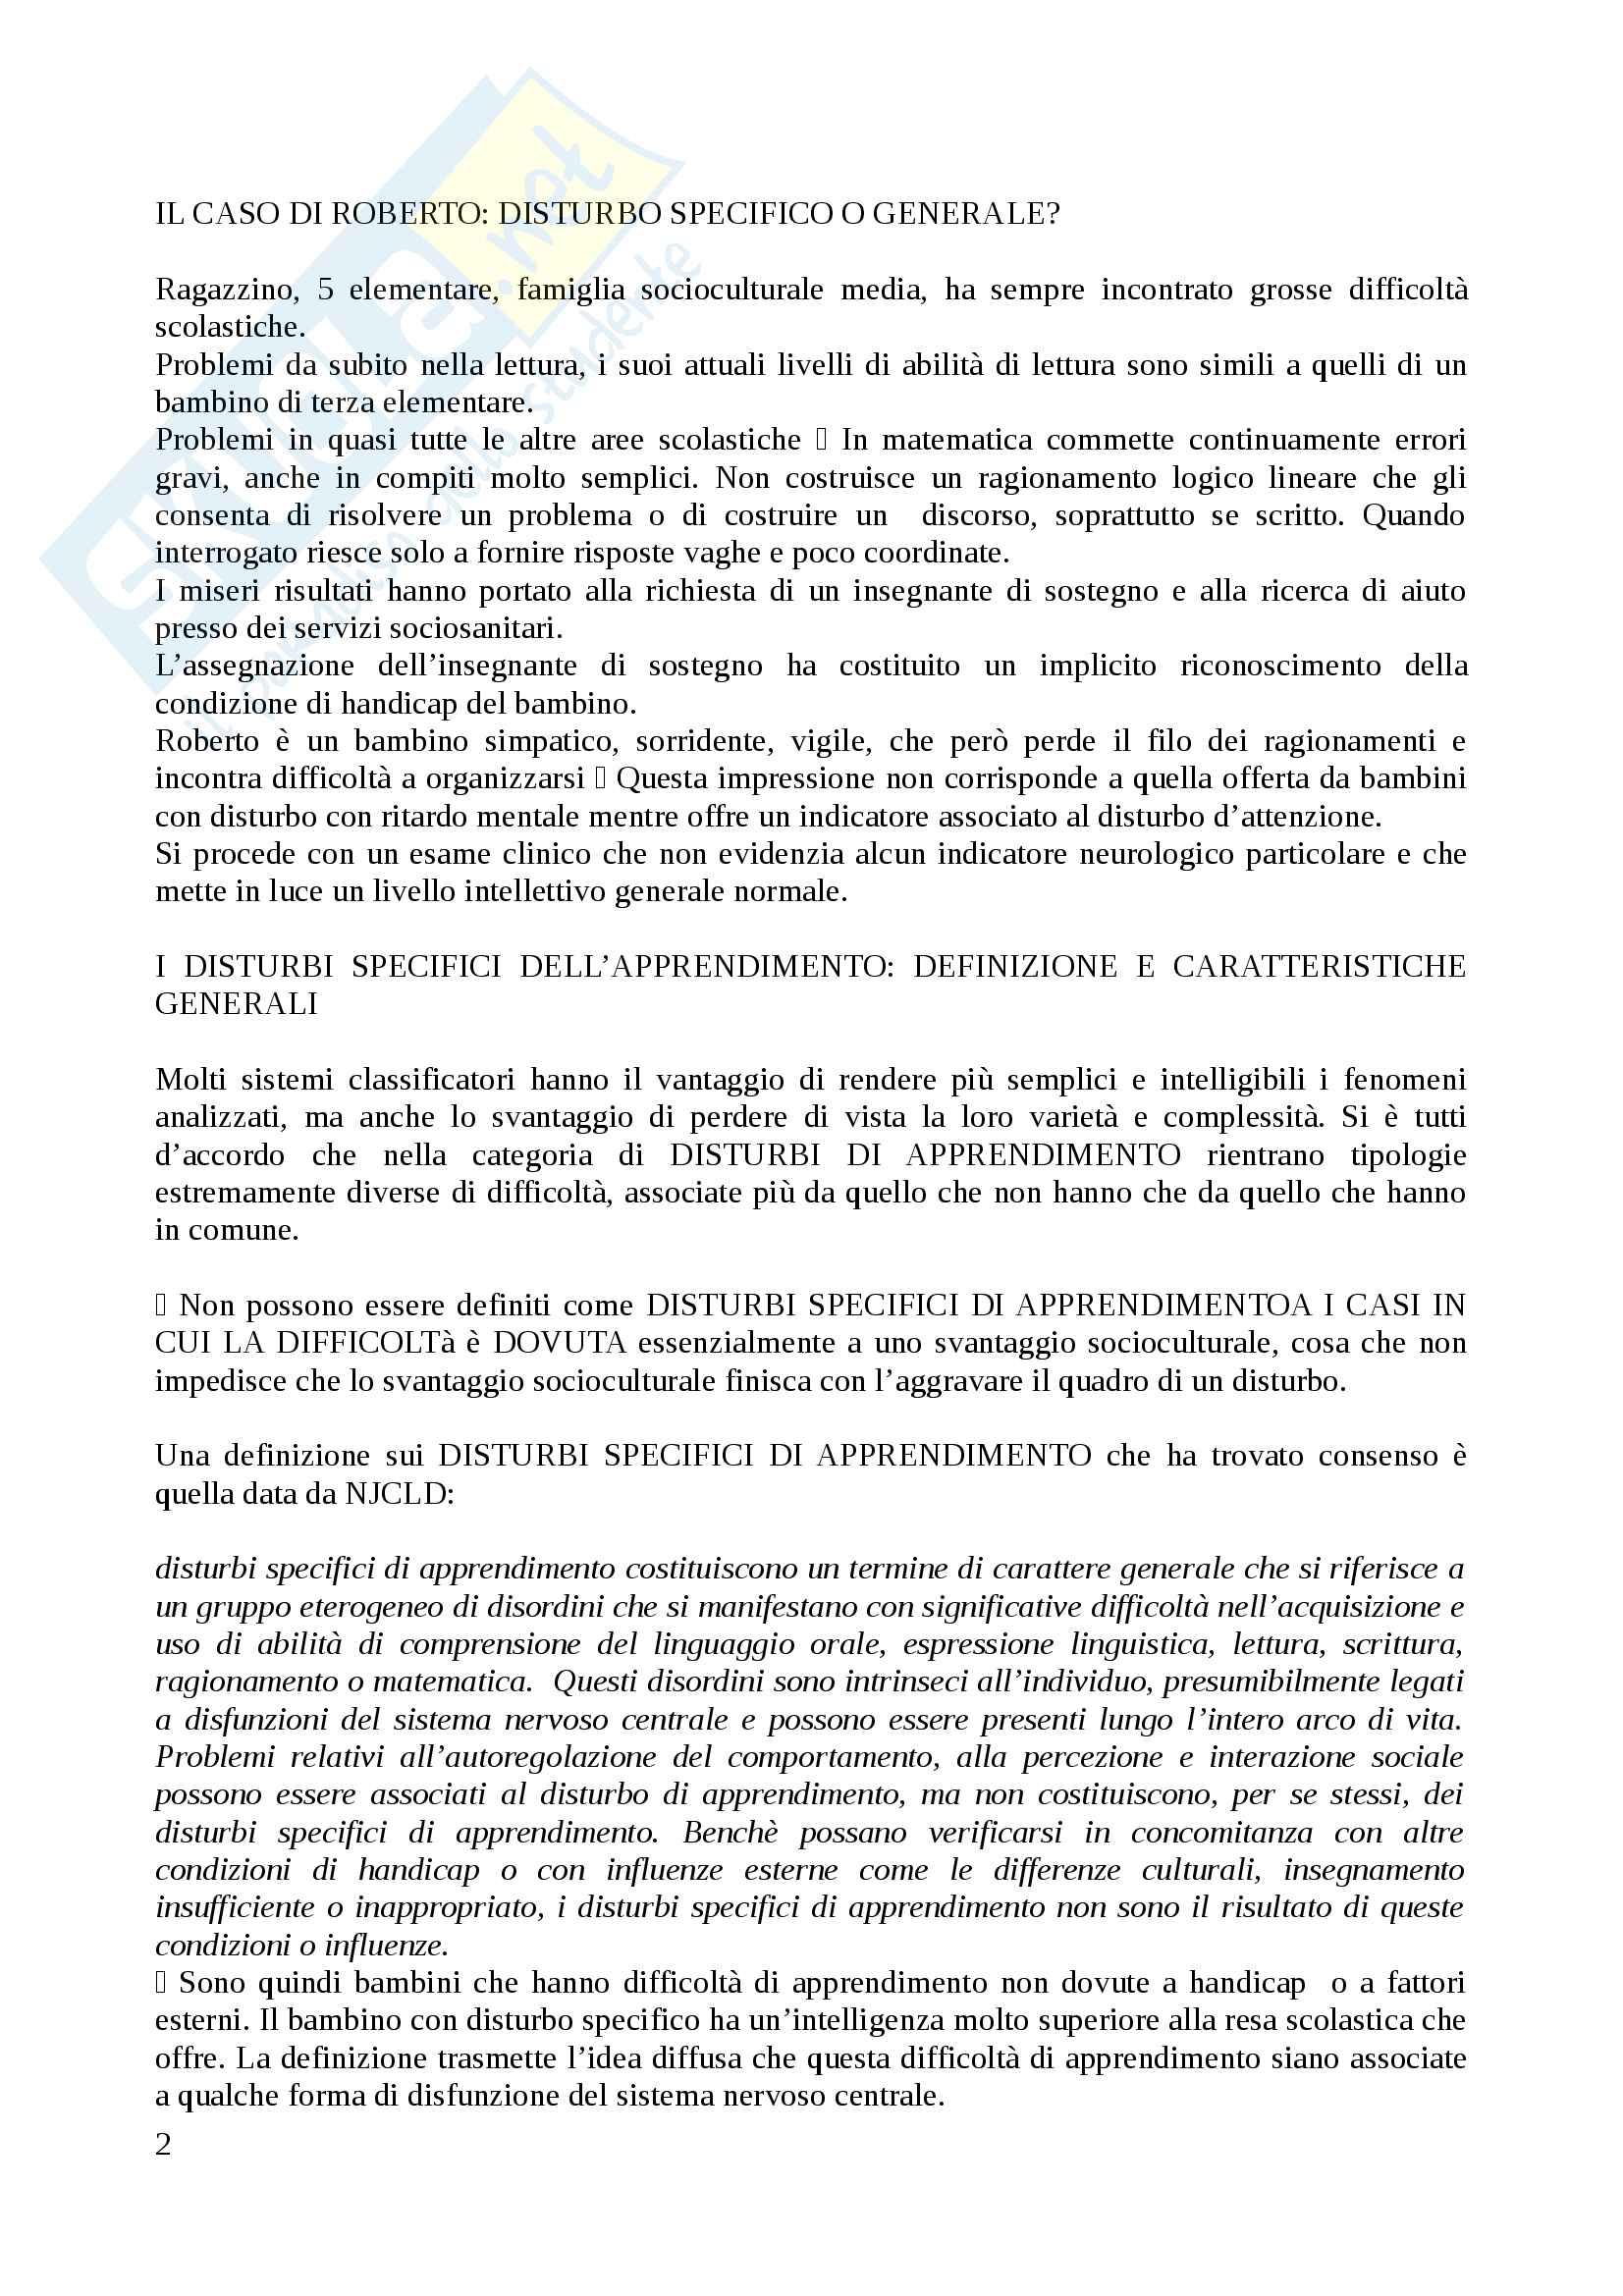 Riassunto esame Metodi e tecniche dei processi di apprendimento, docente Giorgietti, libro consigliato Difficoltà e disturbi dell' apprendimento, Cornoldi Pag. 2